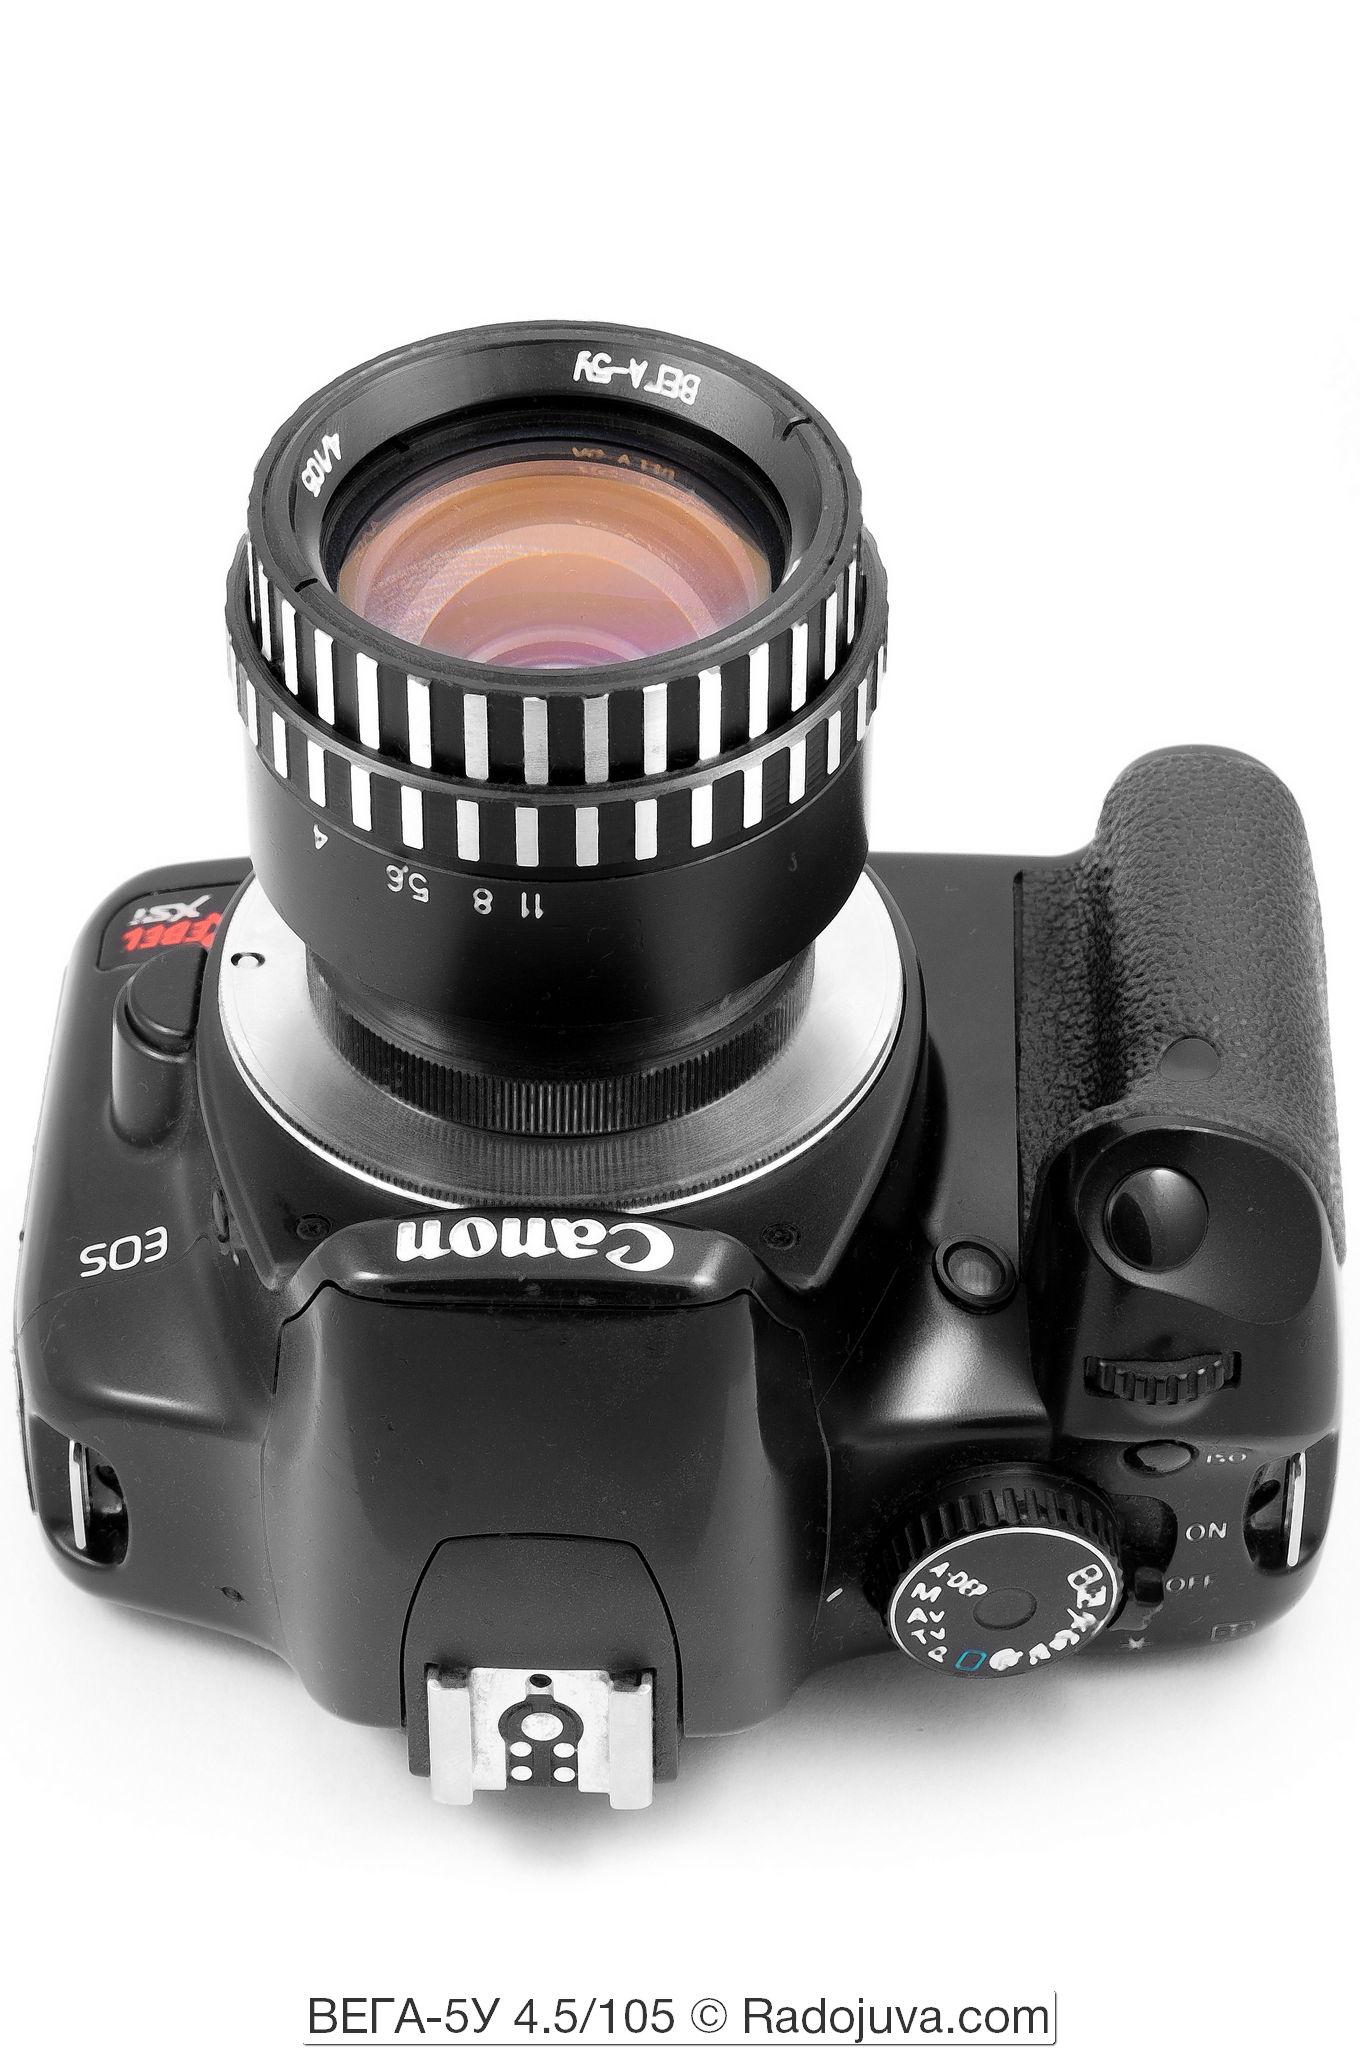 Вега-5У 4/105, объектив показан на камере Canon EOS DIGITAL Rebel XSi. Установлен с помощью переходников M42-Canon EOS и макроколец M42.